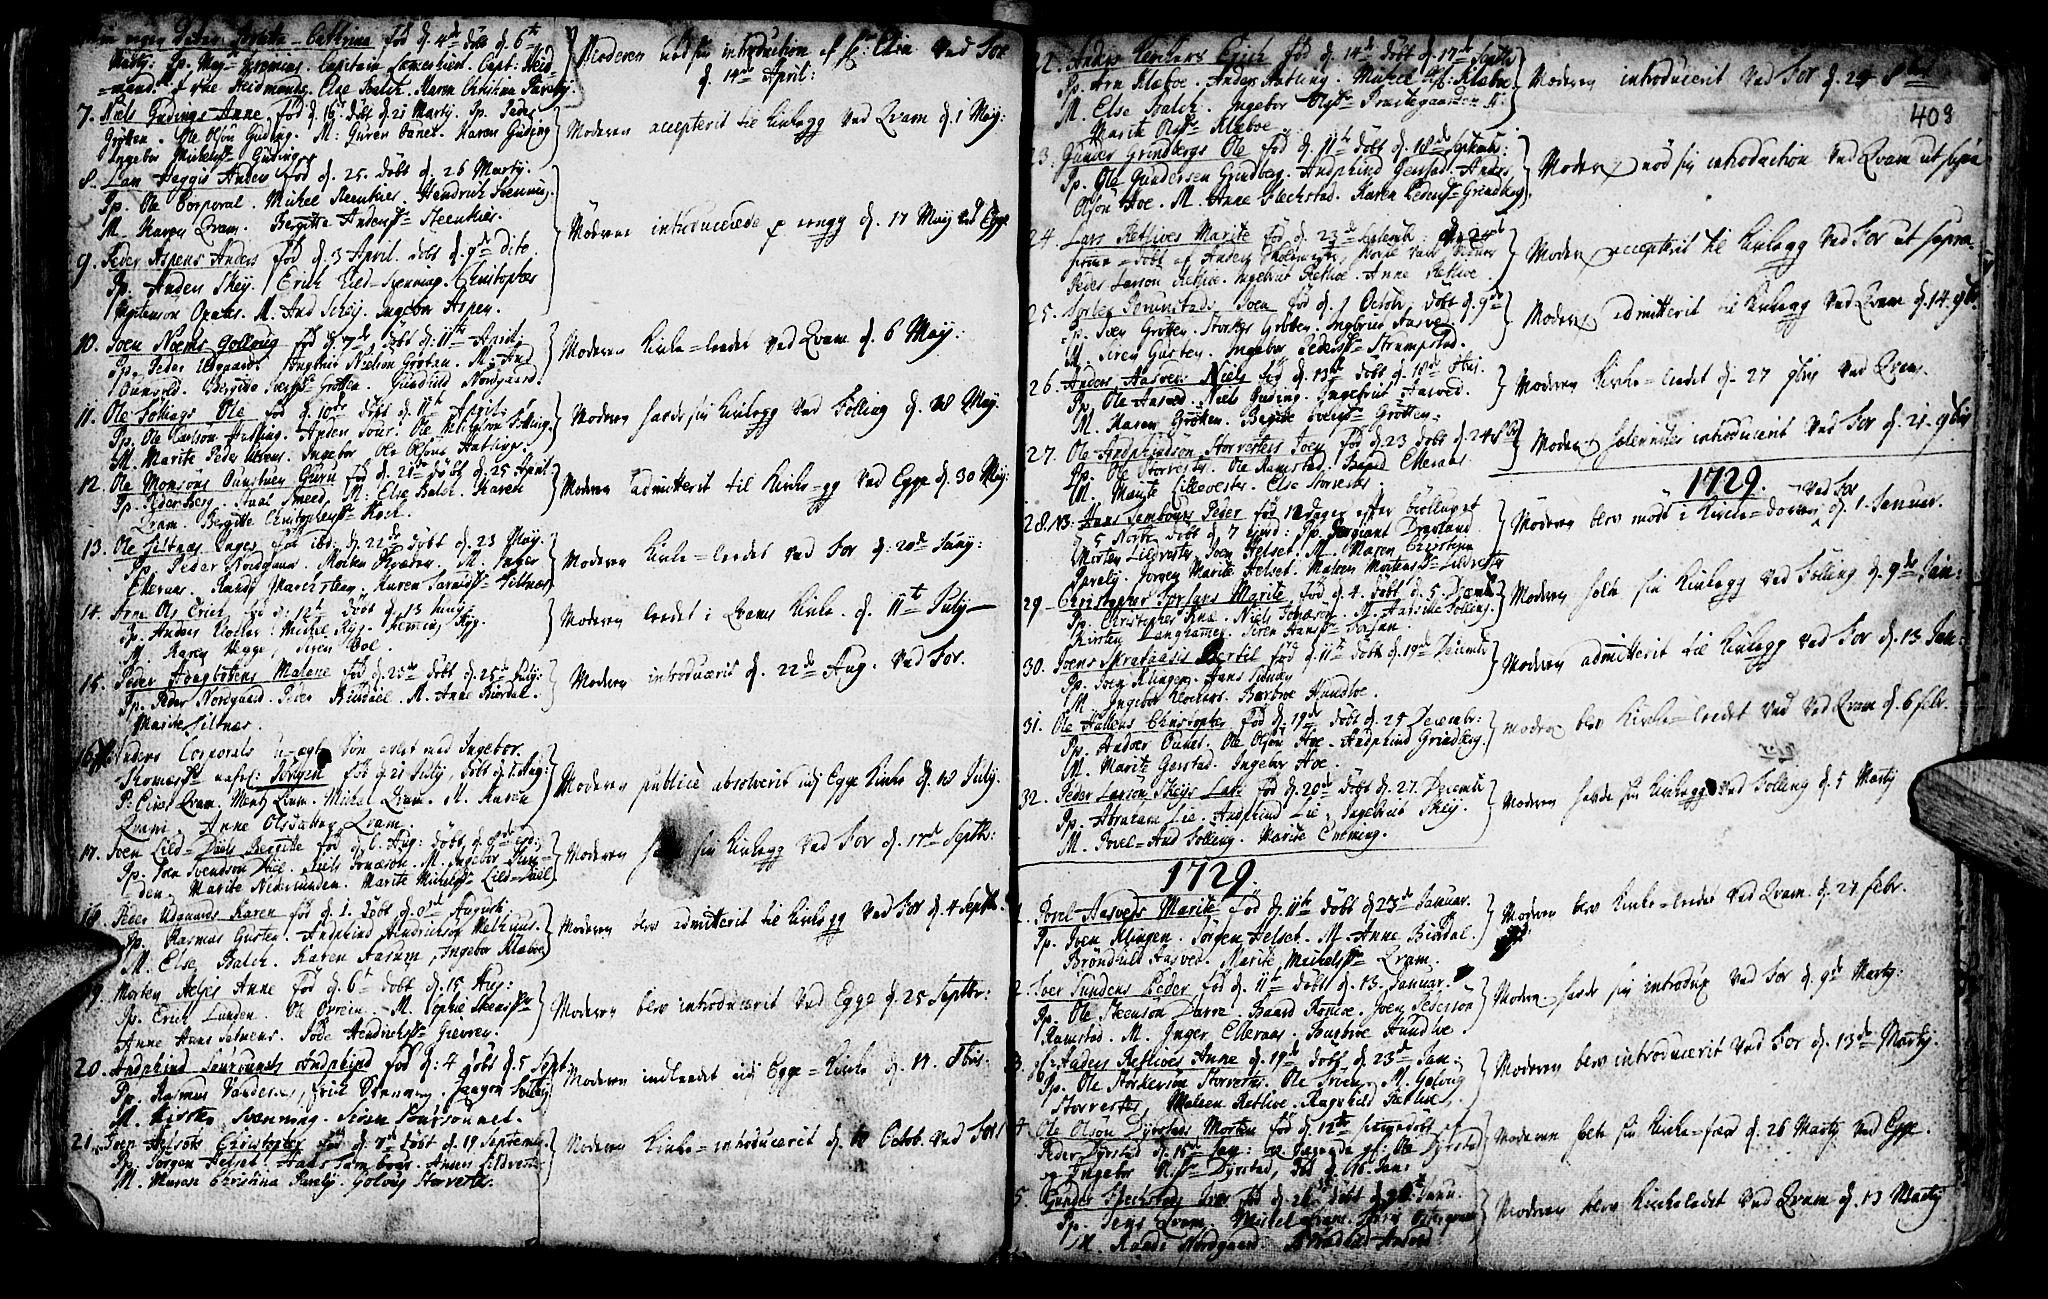 SAT, Ministerialprotokoller, klokkerbøker og fødselsregistre - Nord-Trøndelag, 746/L0439: Ministerialbok nr. 746A01, 1688-1759, s. 40h